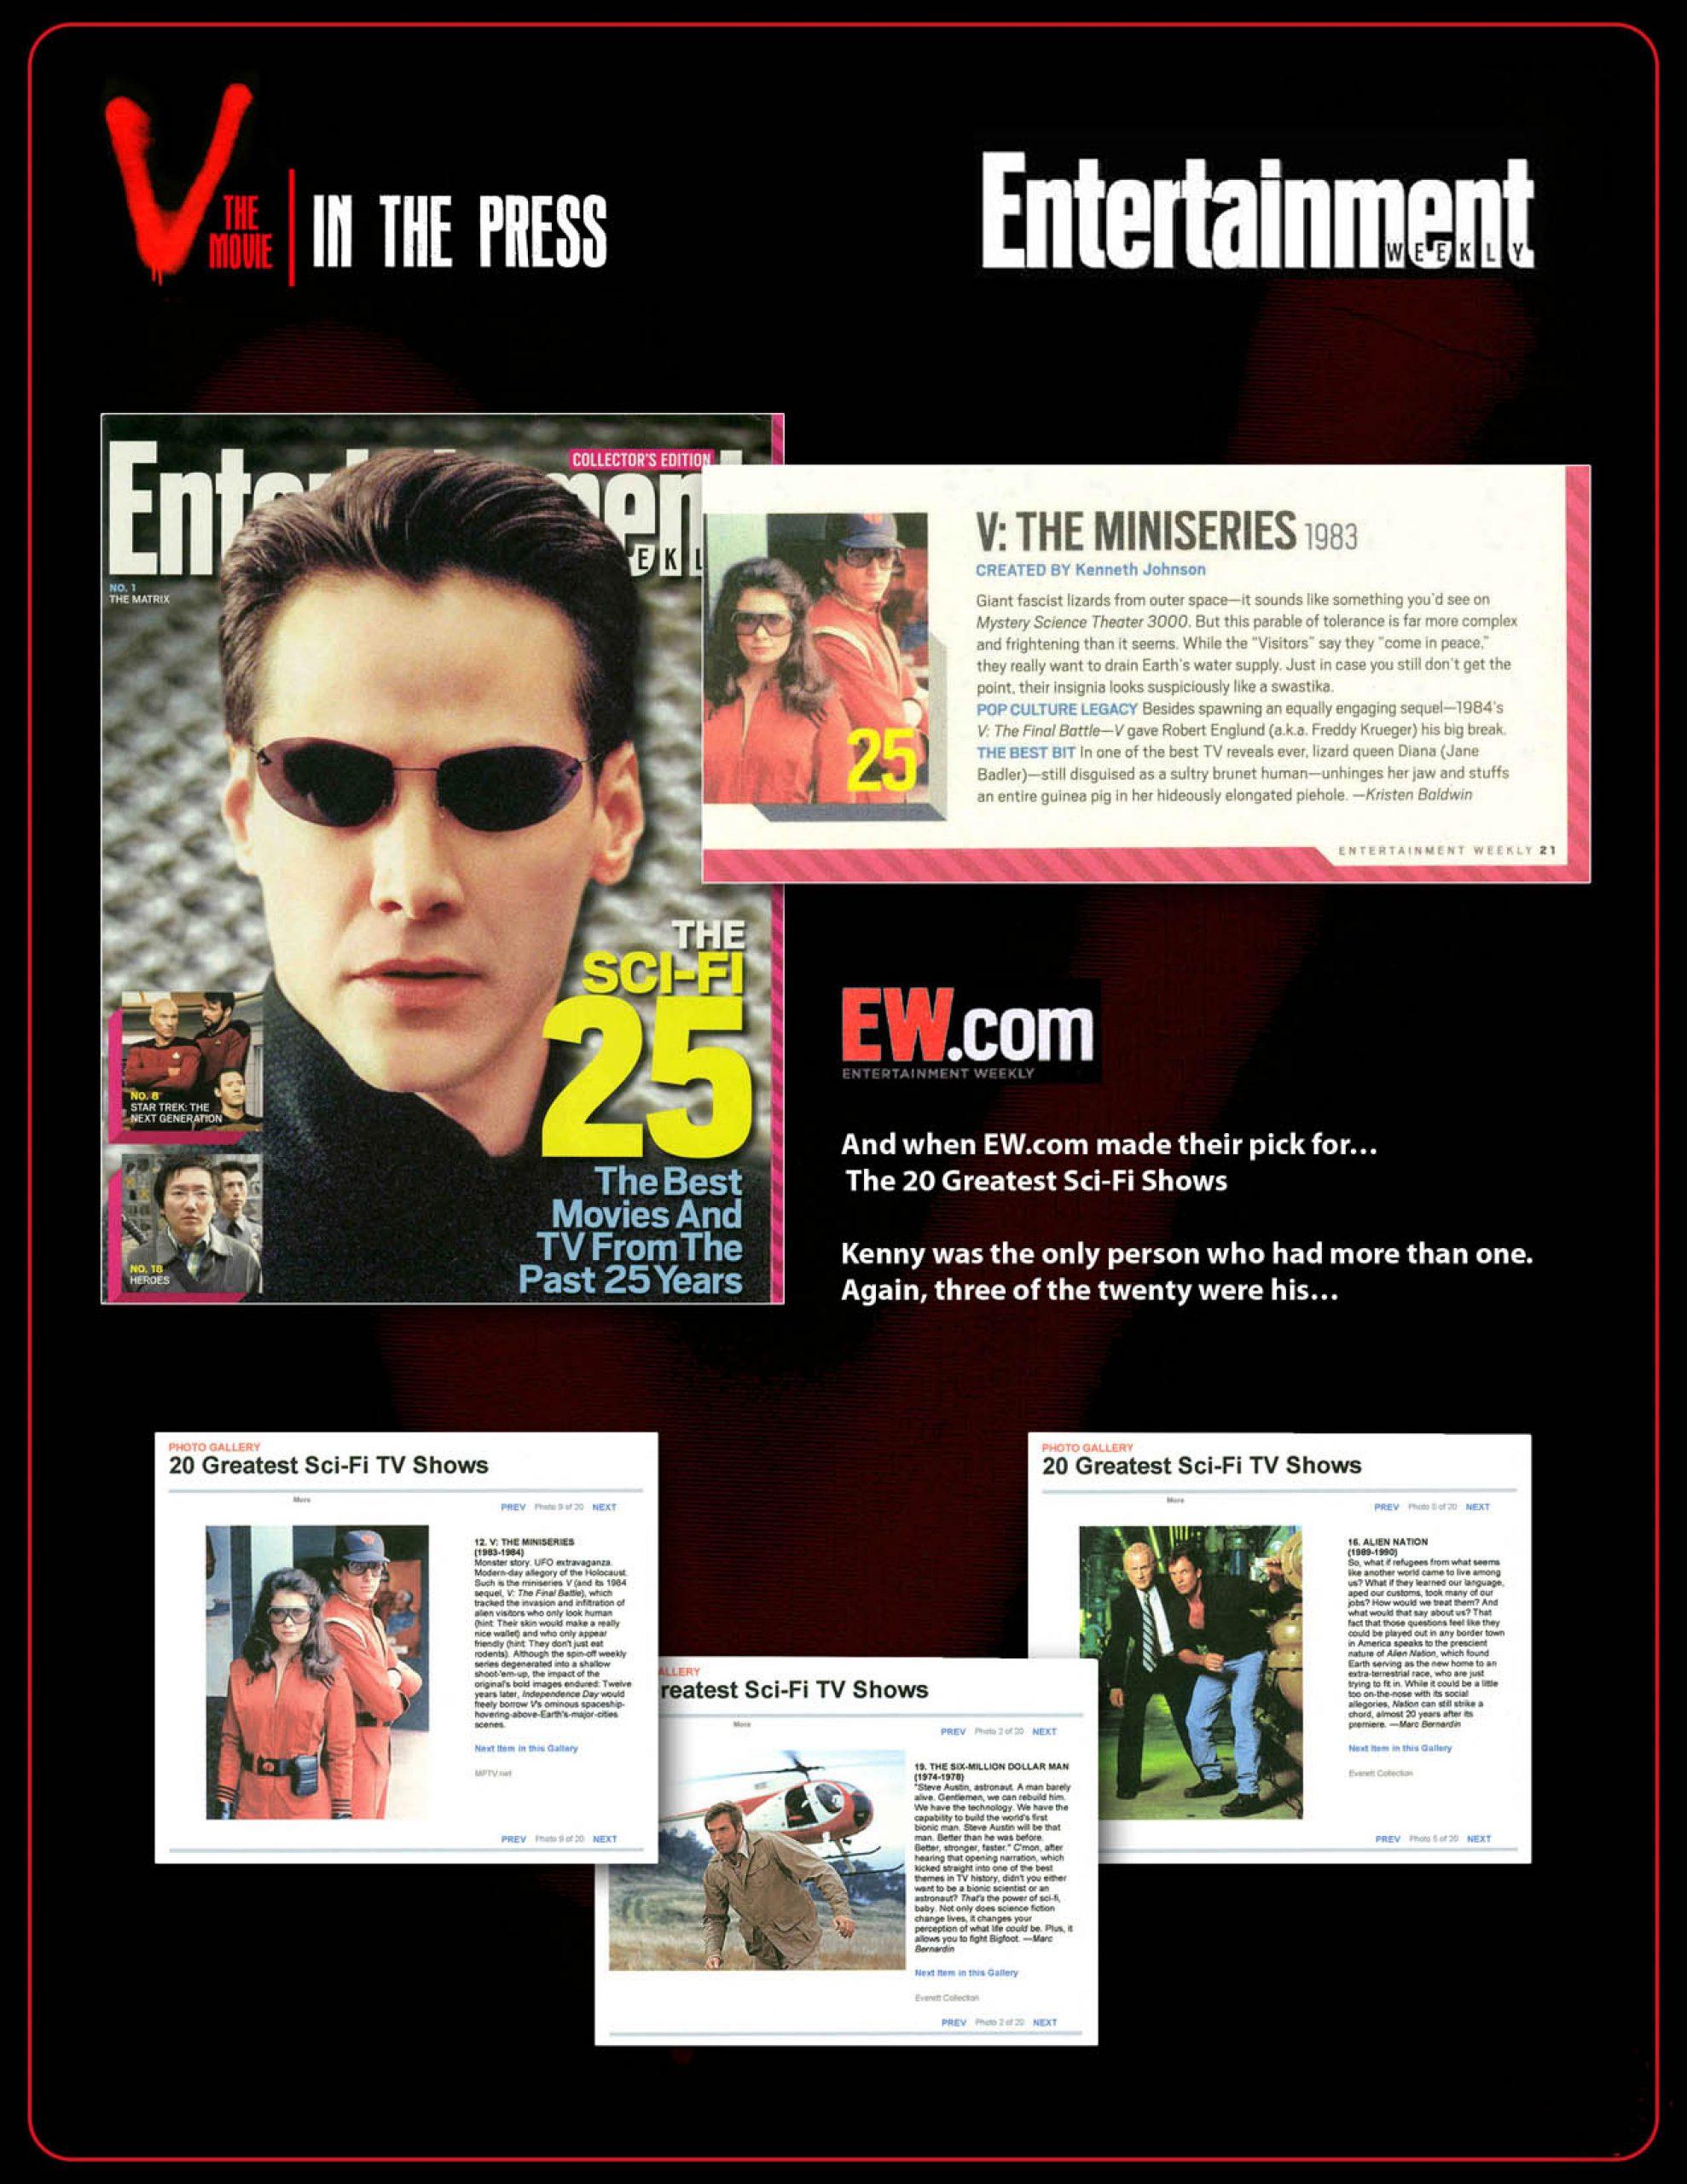 V-TheMovie_v718_EW_top_25.